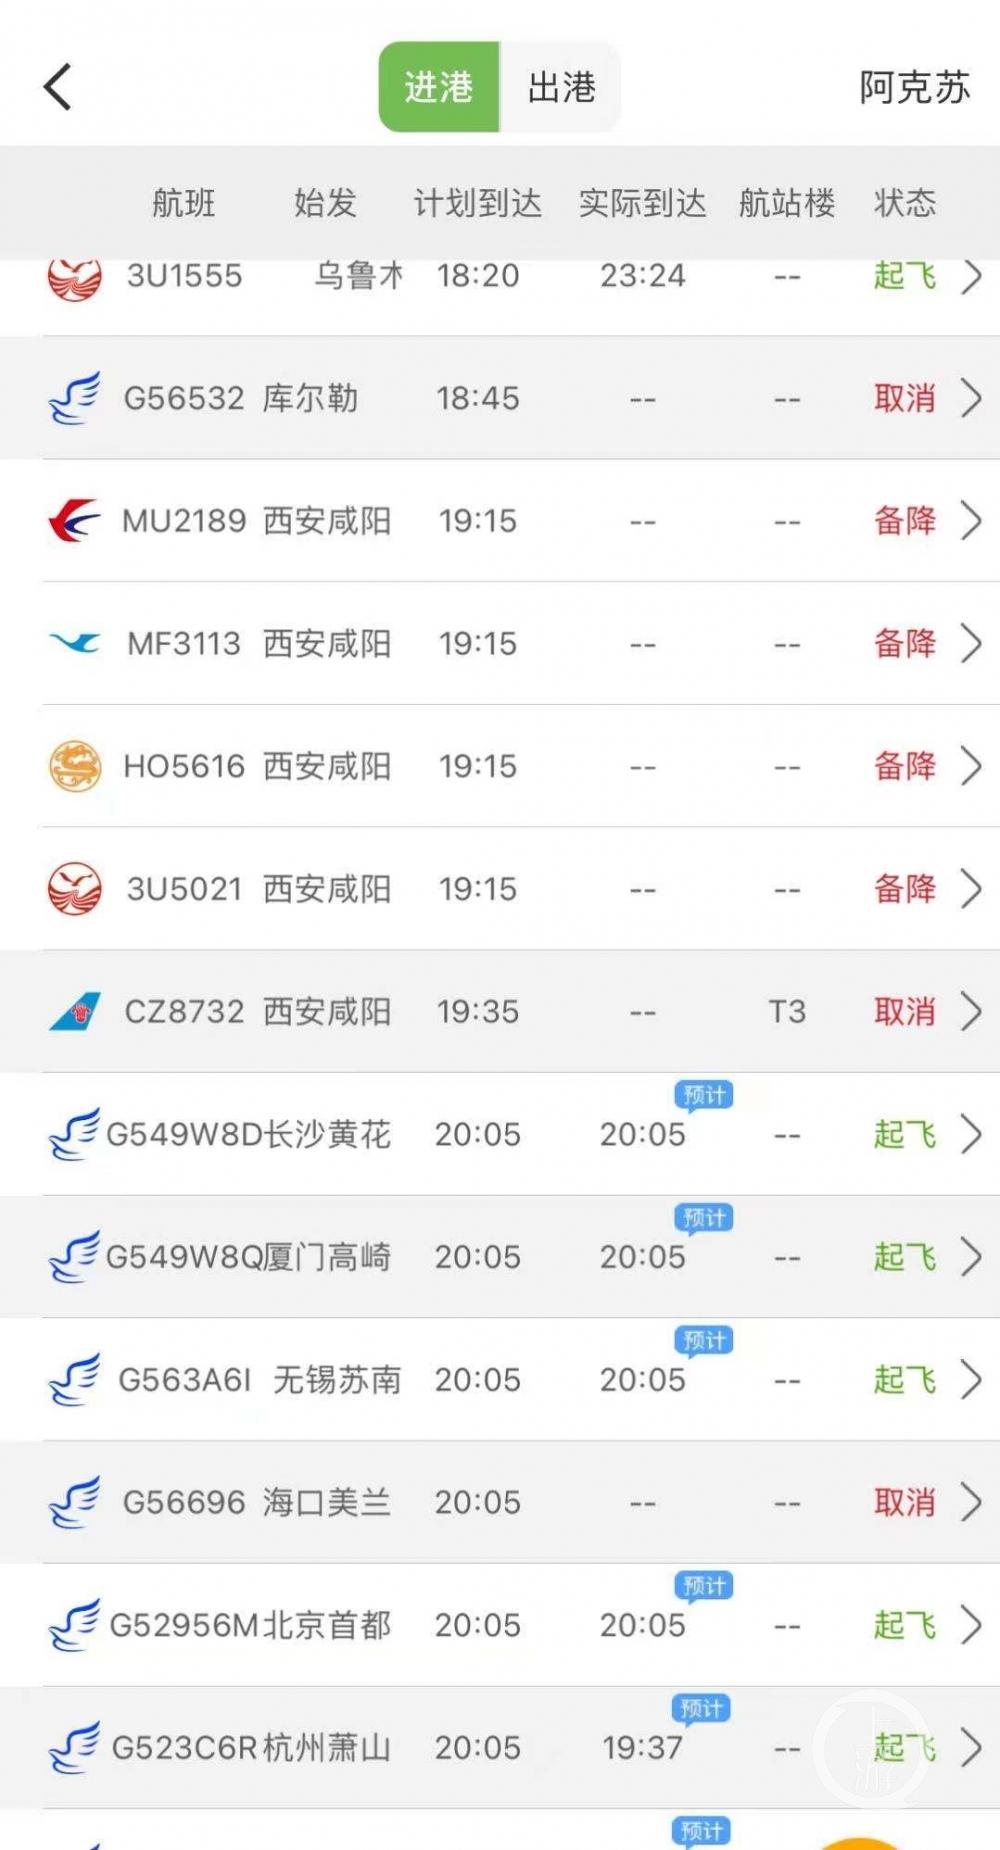 ▲事件发生后,阿克苏机场跑道短暂关闭,有航班备降其他机场。图片来源/航旅纵横